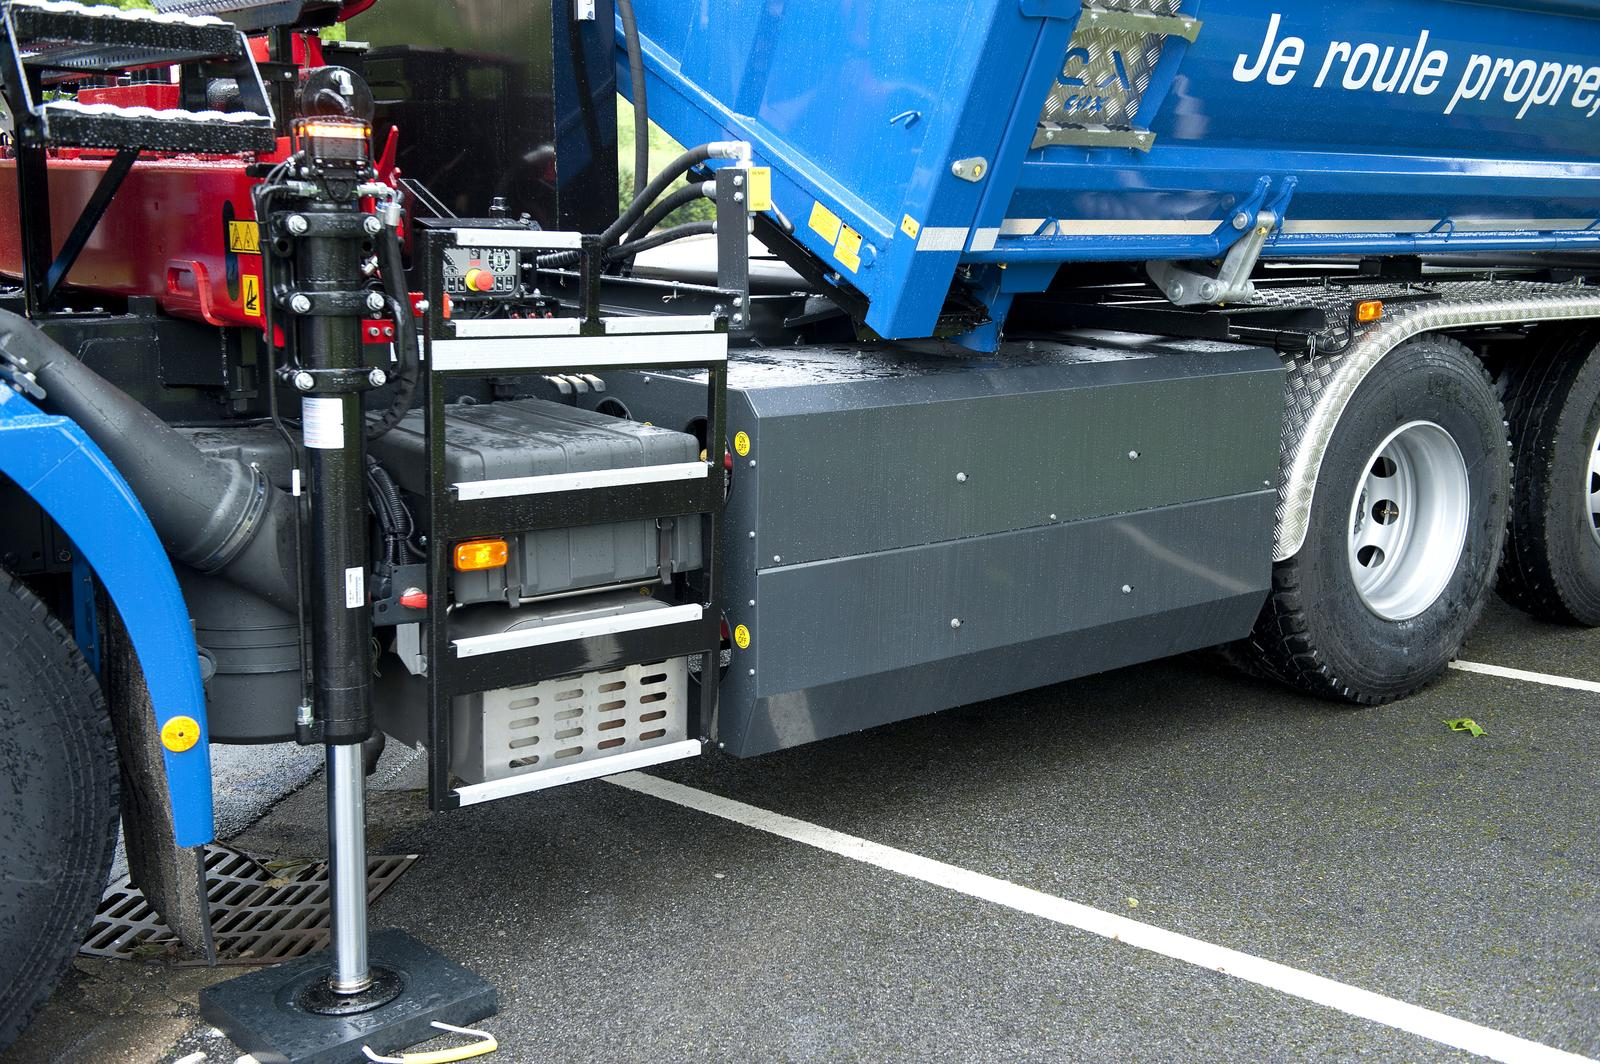 Location de camion benne grue biogaz groupe noblet - Location camion benne ...